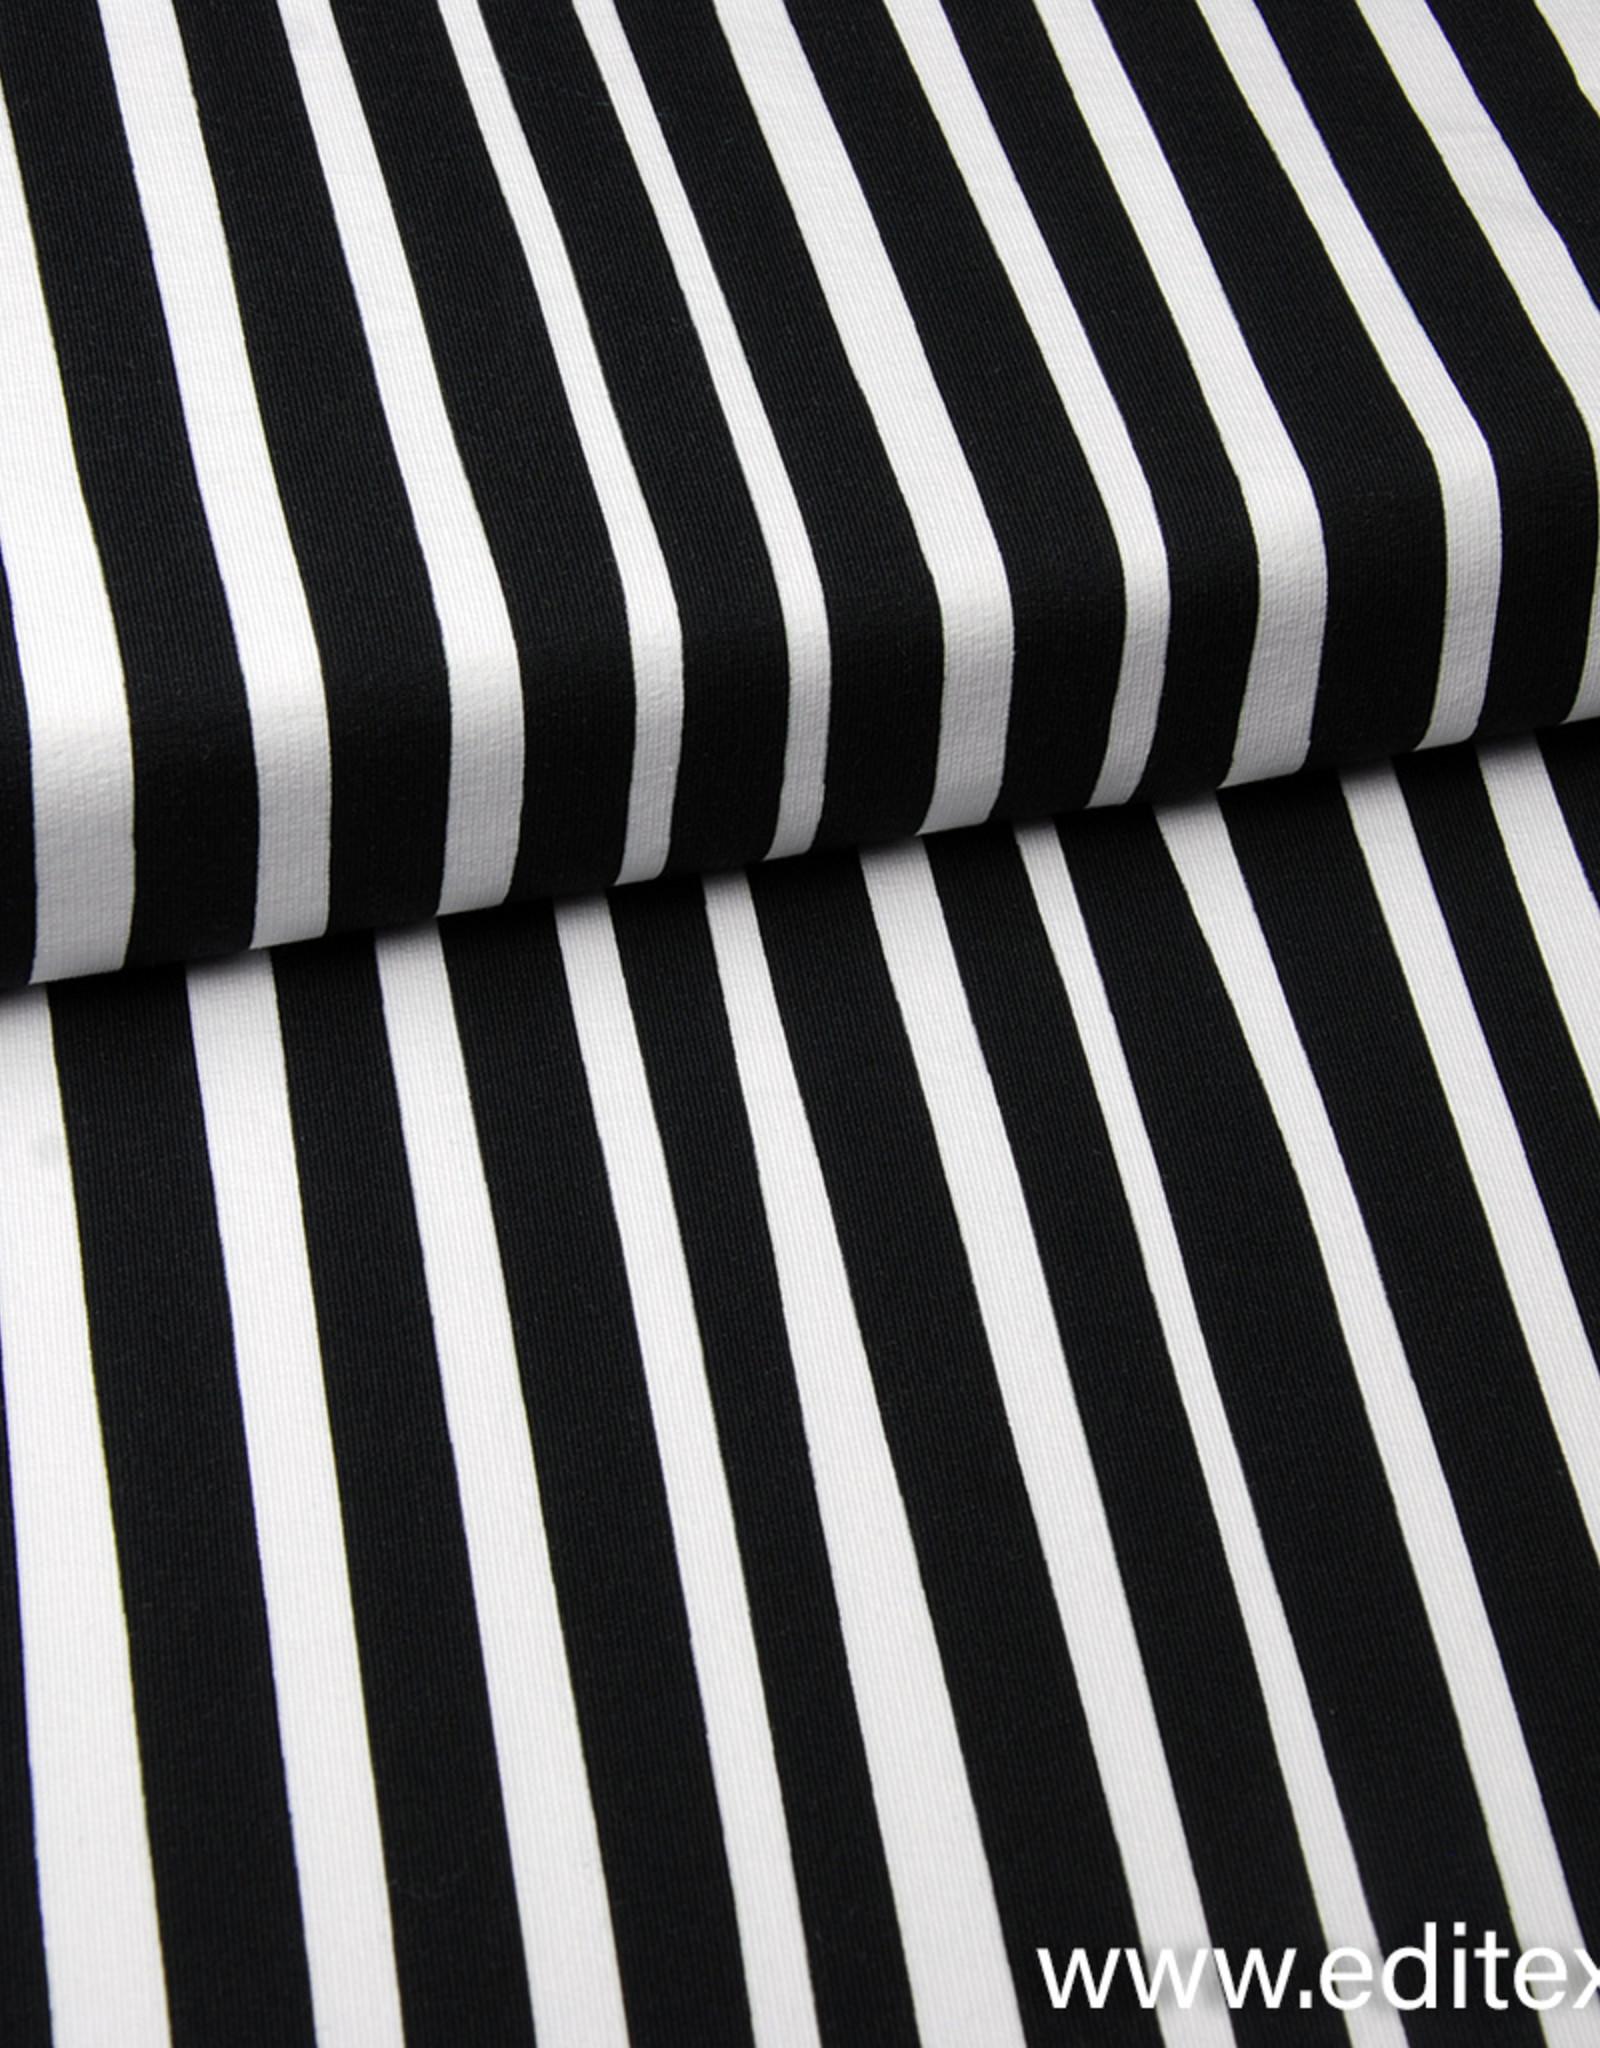 Eva Mouton French Terry Zebra Stripes - Eva Mouton